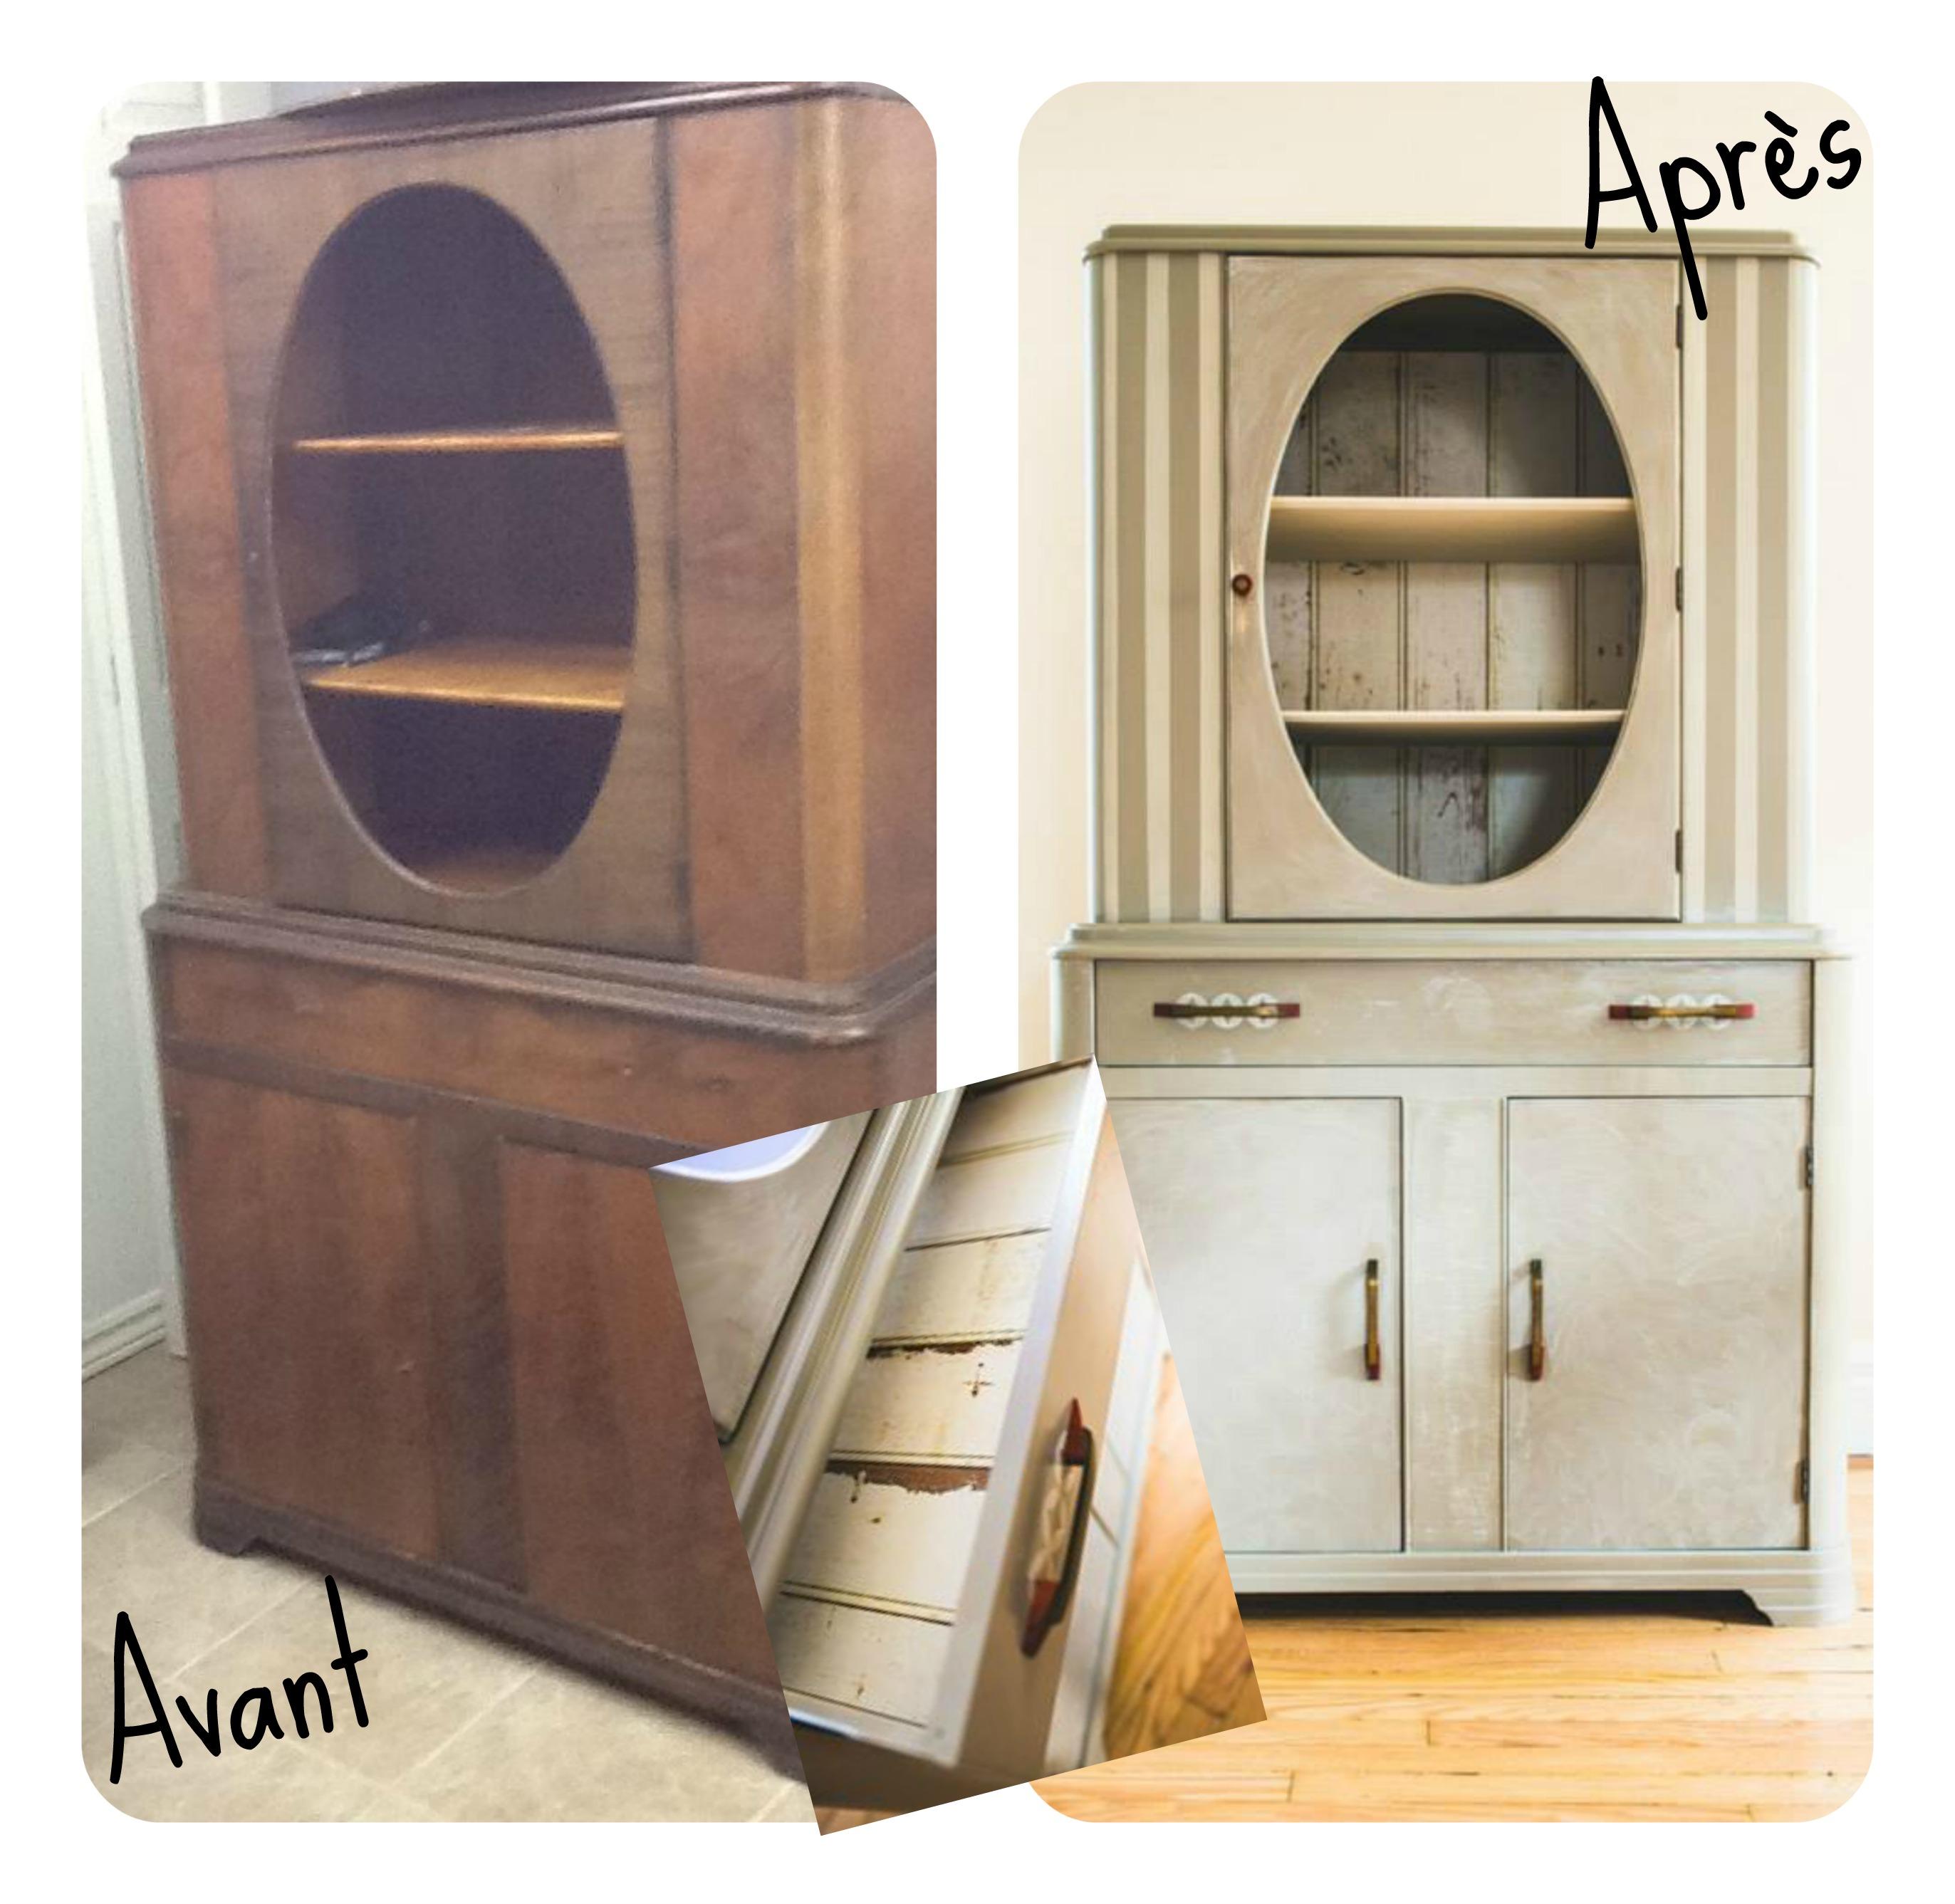 Comment peindre un meuble blogue cr ations aube design for Peindre un meuble cire